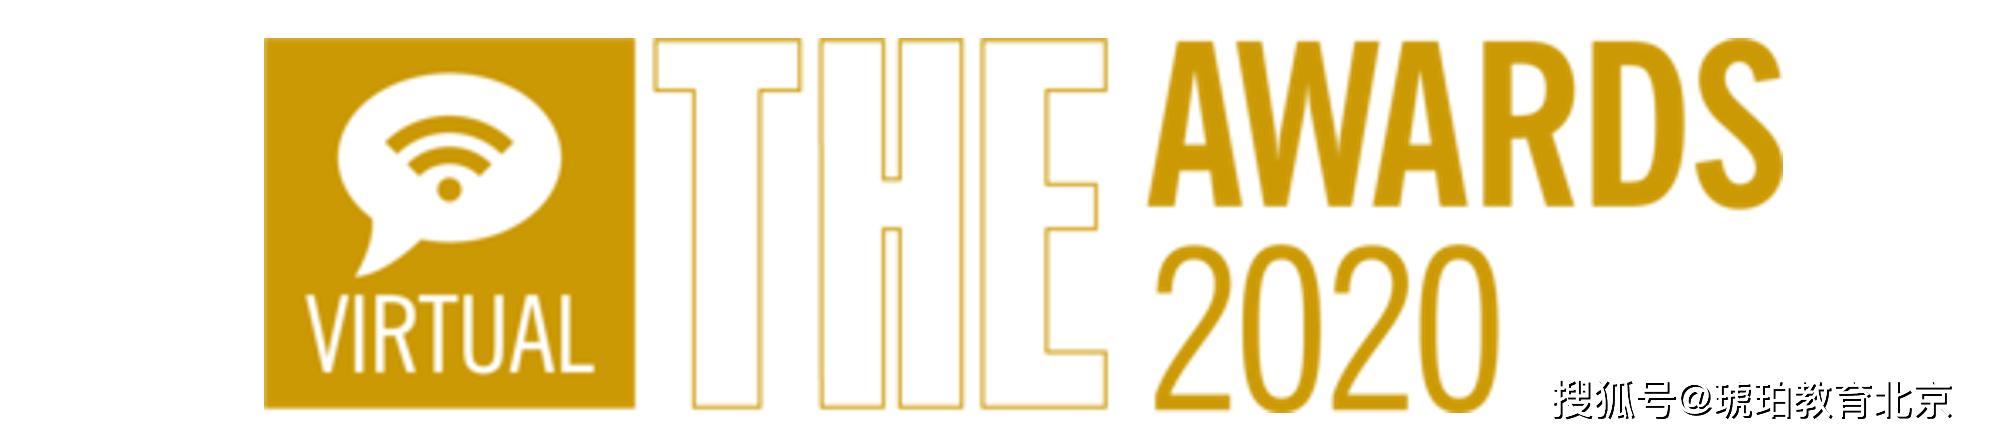 继2020年最佳大学桂冠后,再次获得教育界奥斯卡 阿斯顿大学